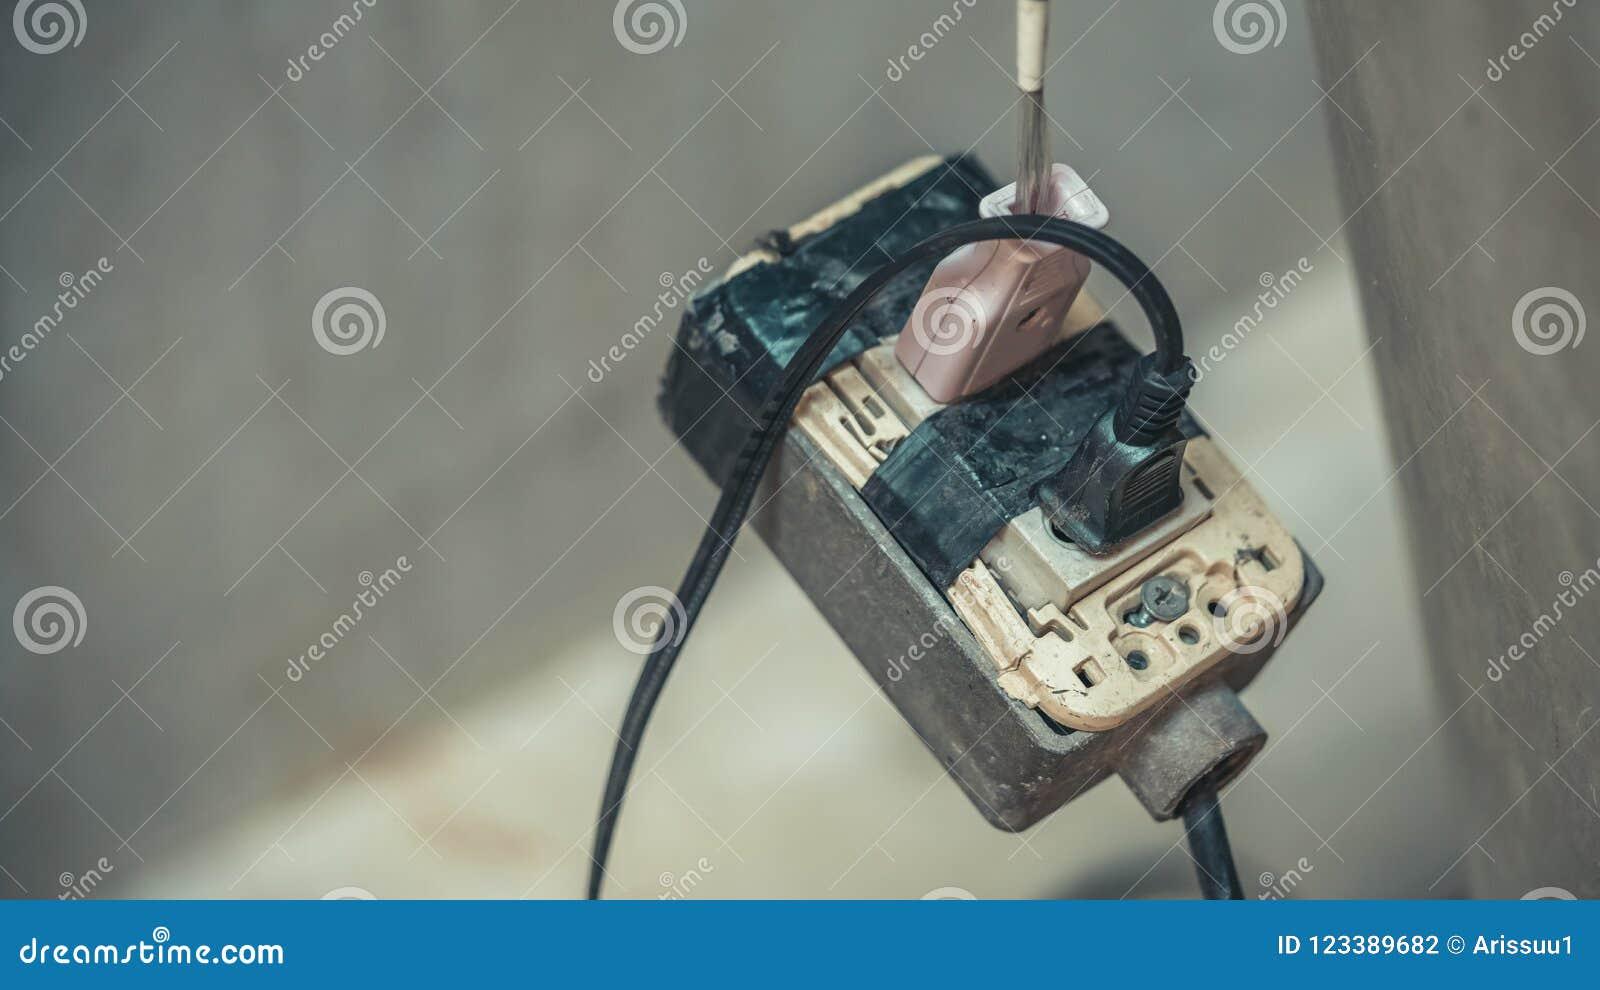 Enchufes eléctricos portátiles del equipo